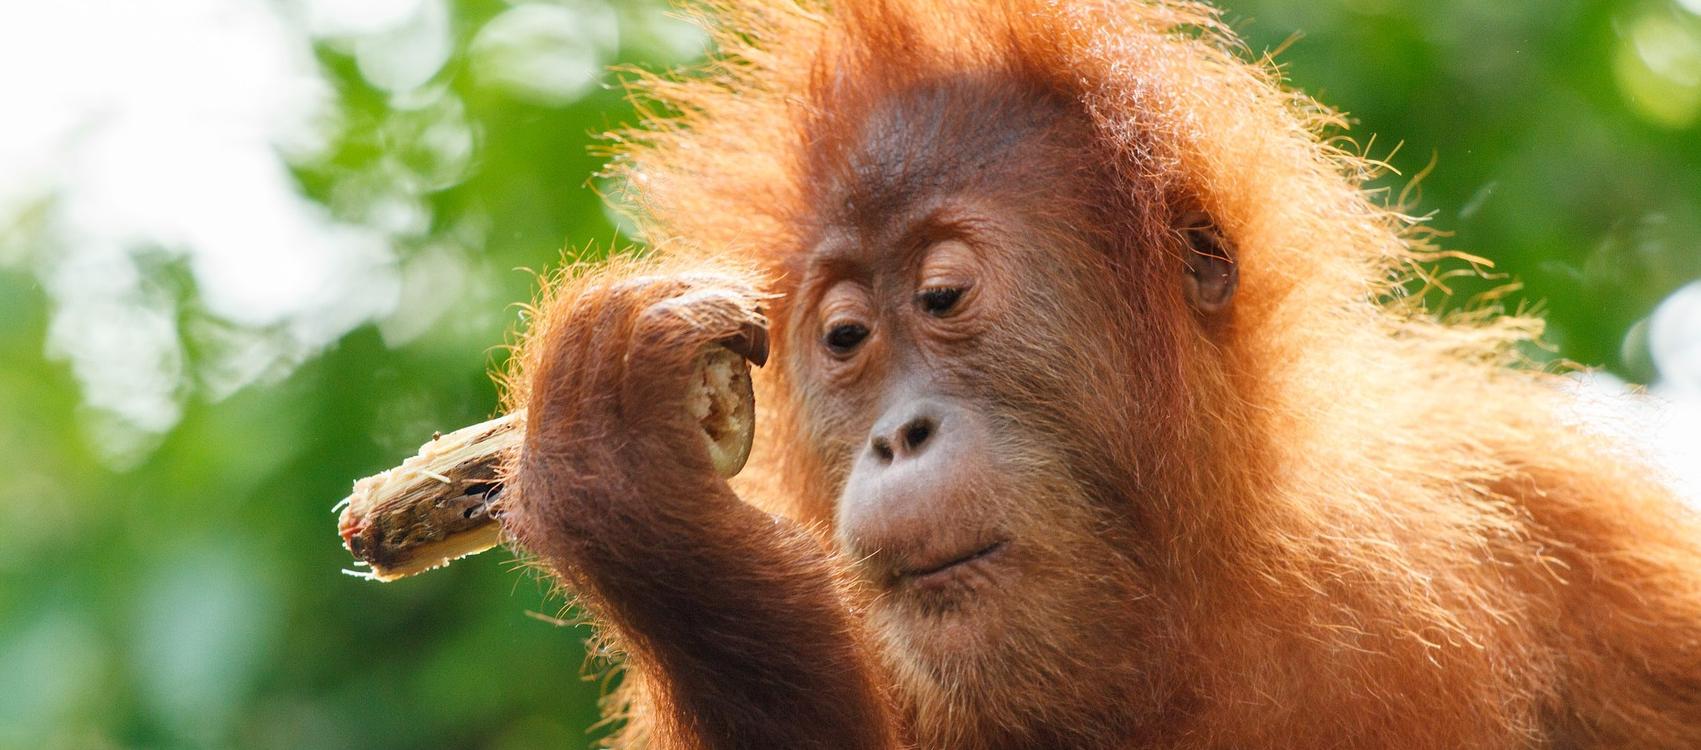 utwardzony olej palmowy jest szkodliwy